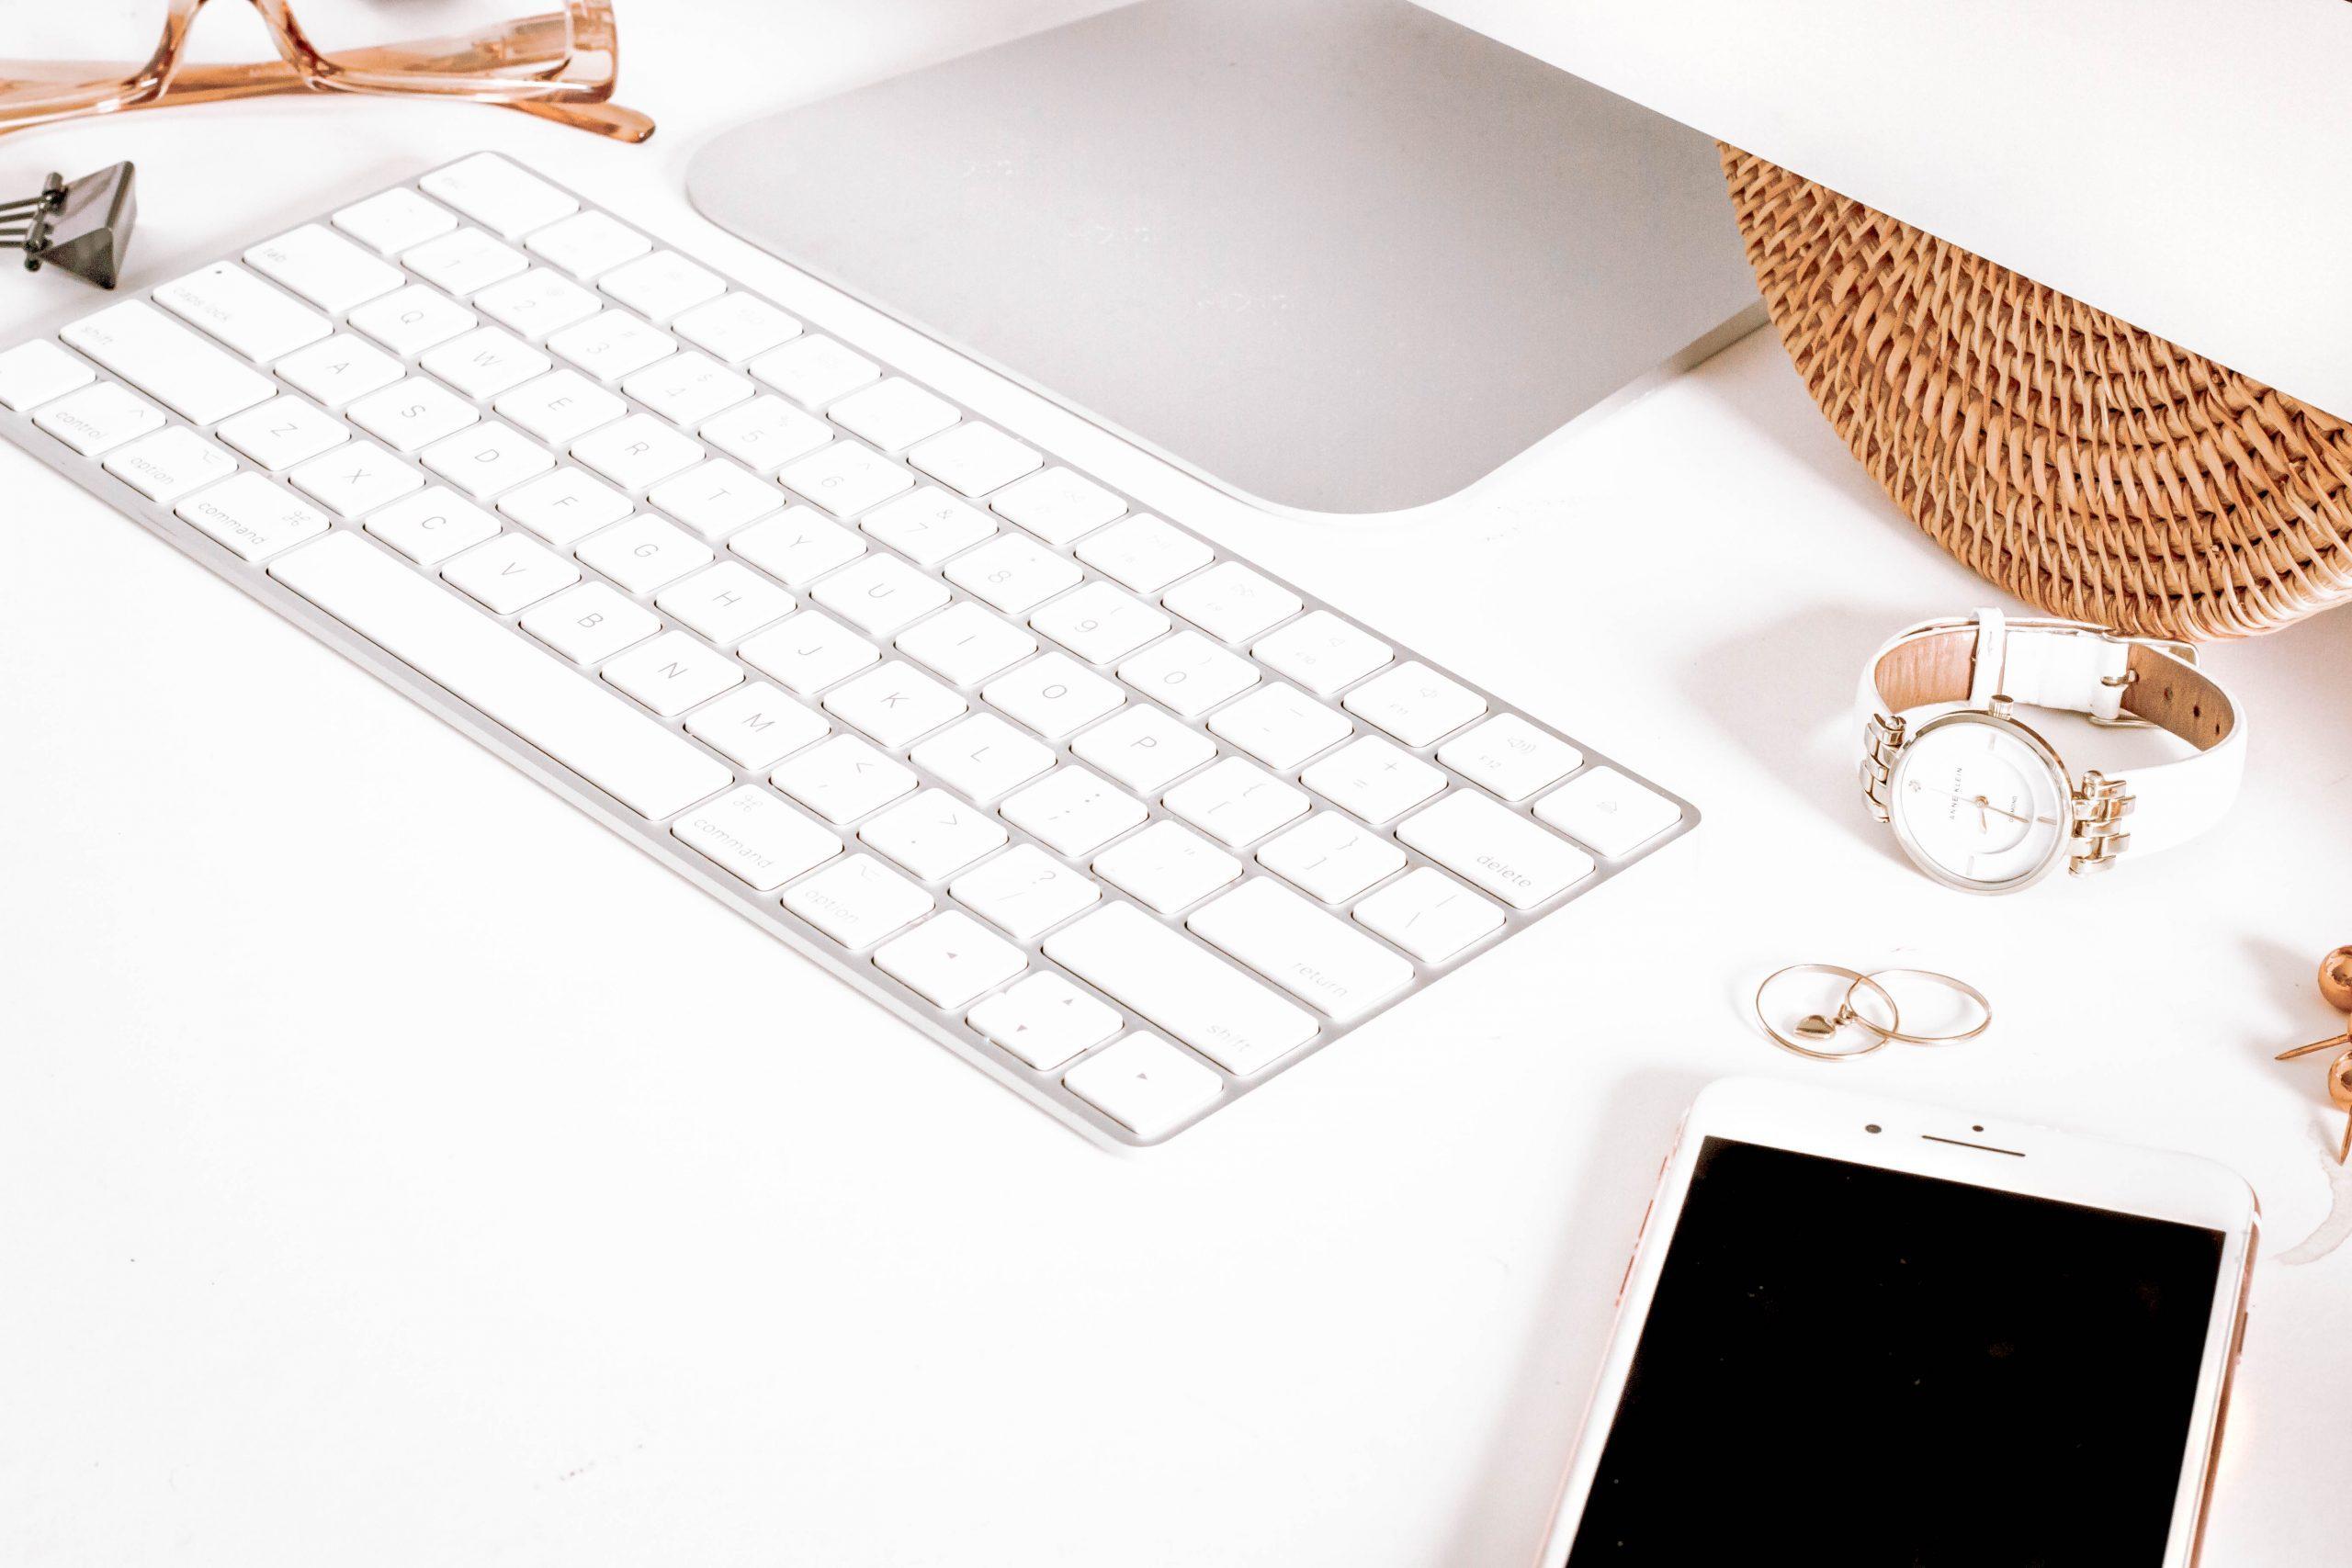 website-audit-free-checklist-ak-brown-stl